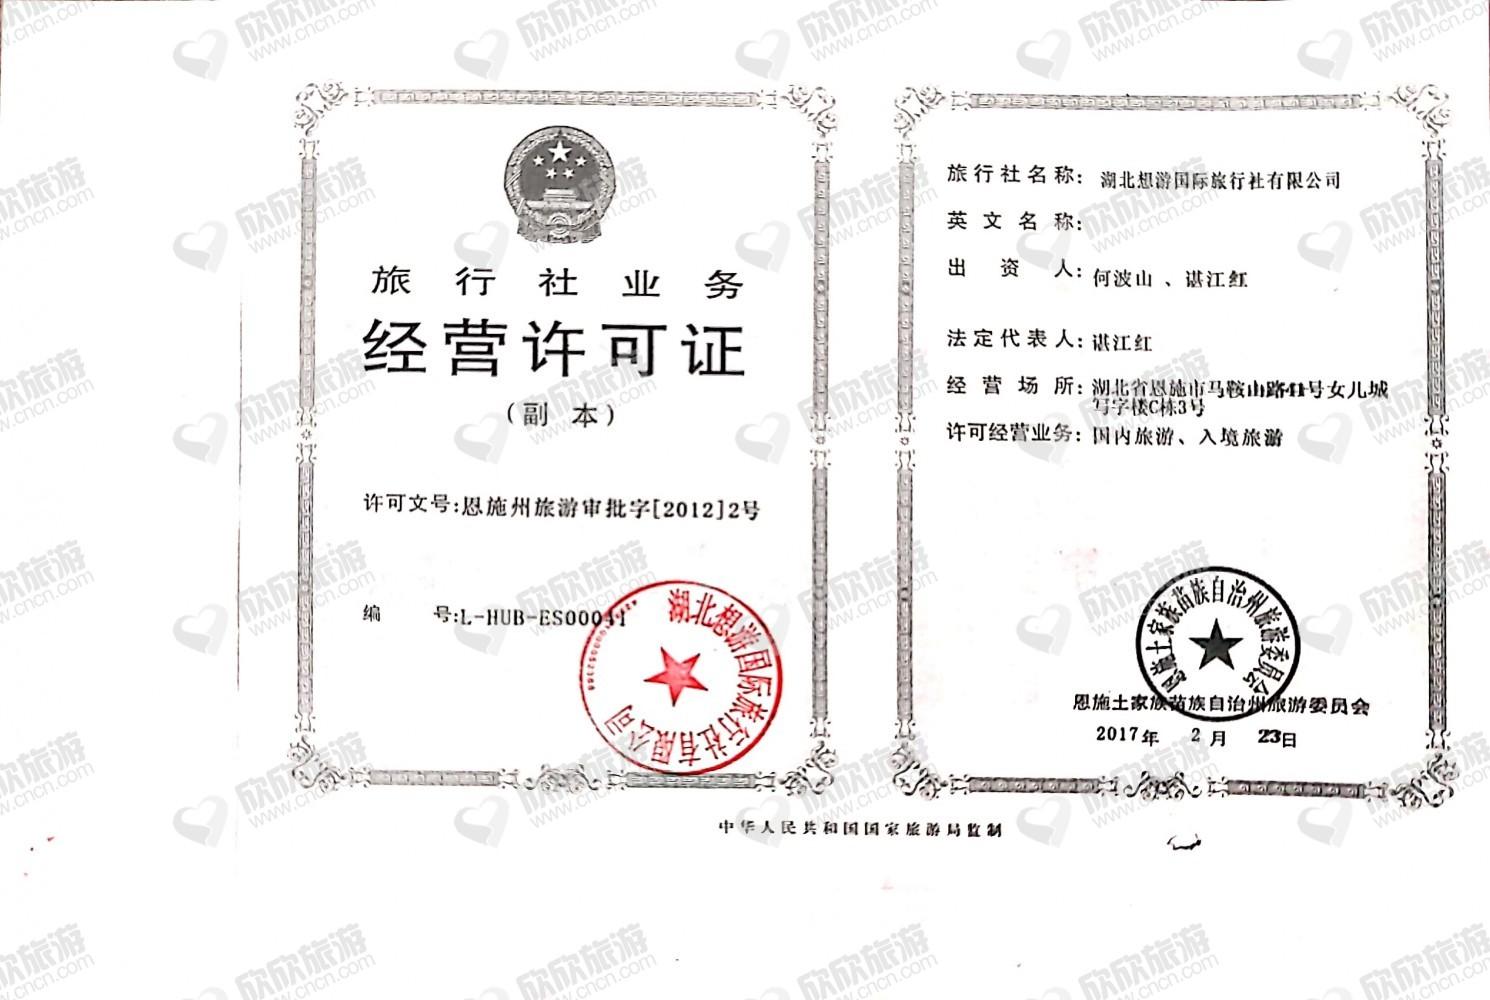 湖北想游国际旅行社有限公司经营许可证